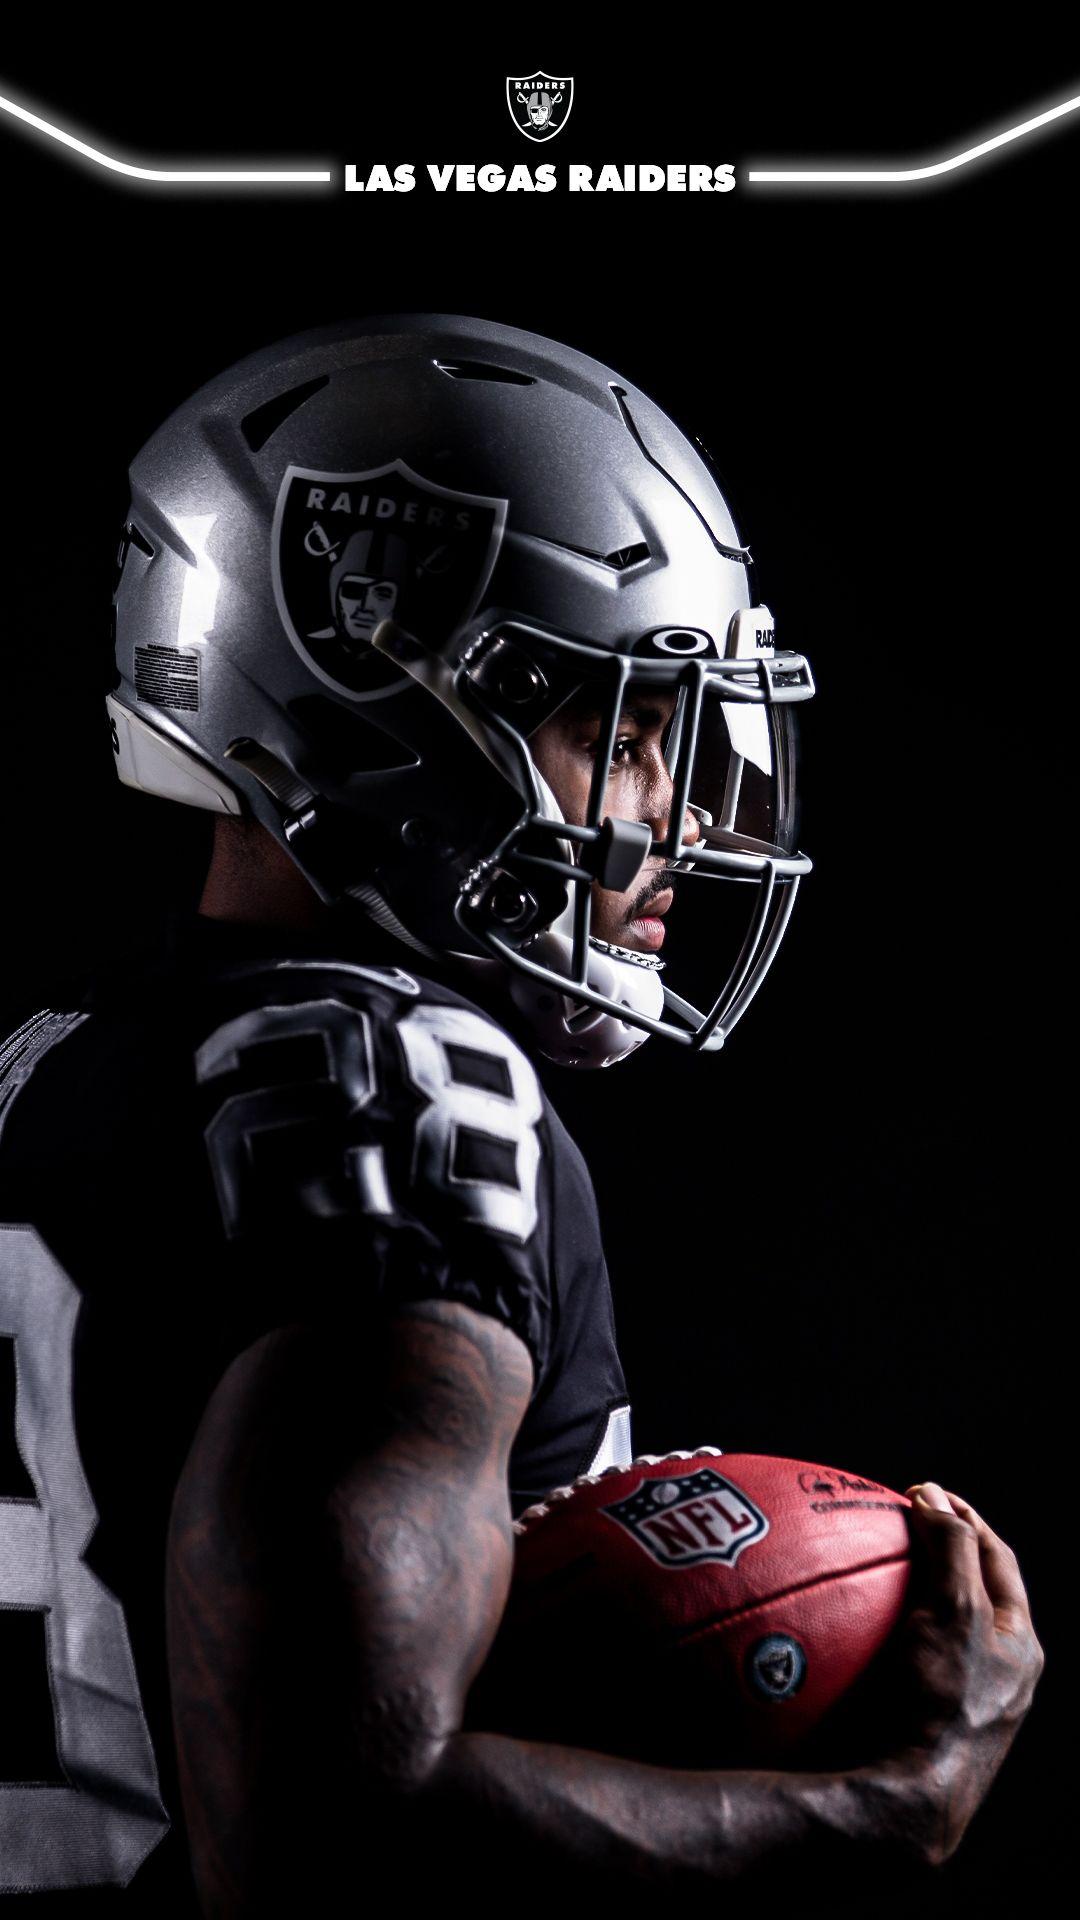 Wallpapers Las Vegas Raiders Raiders Com